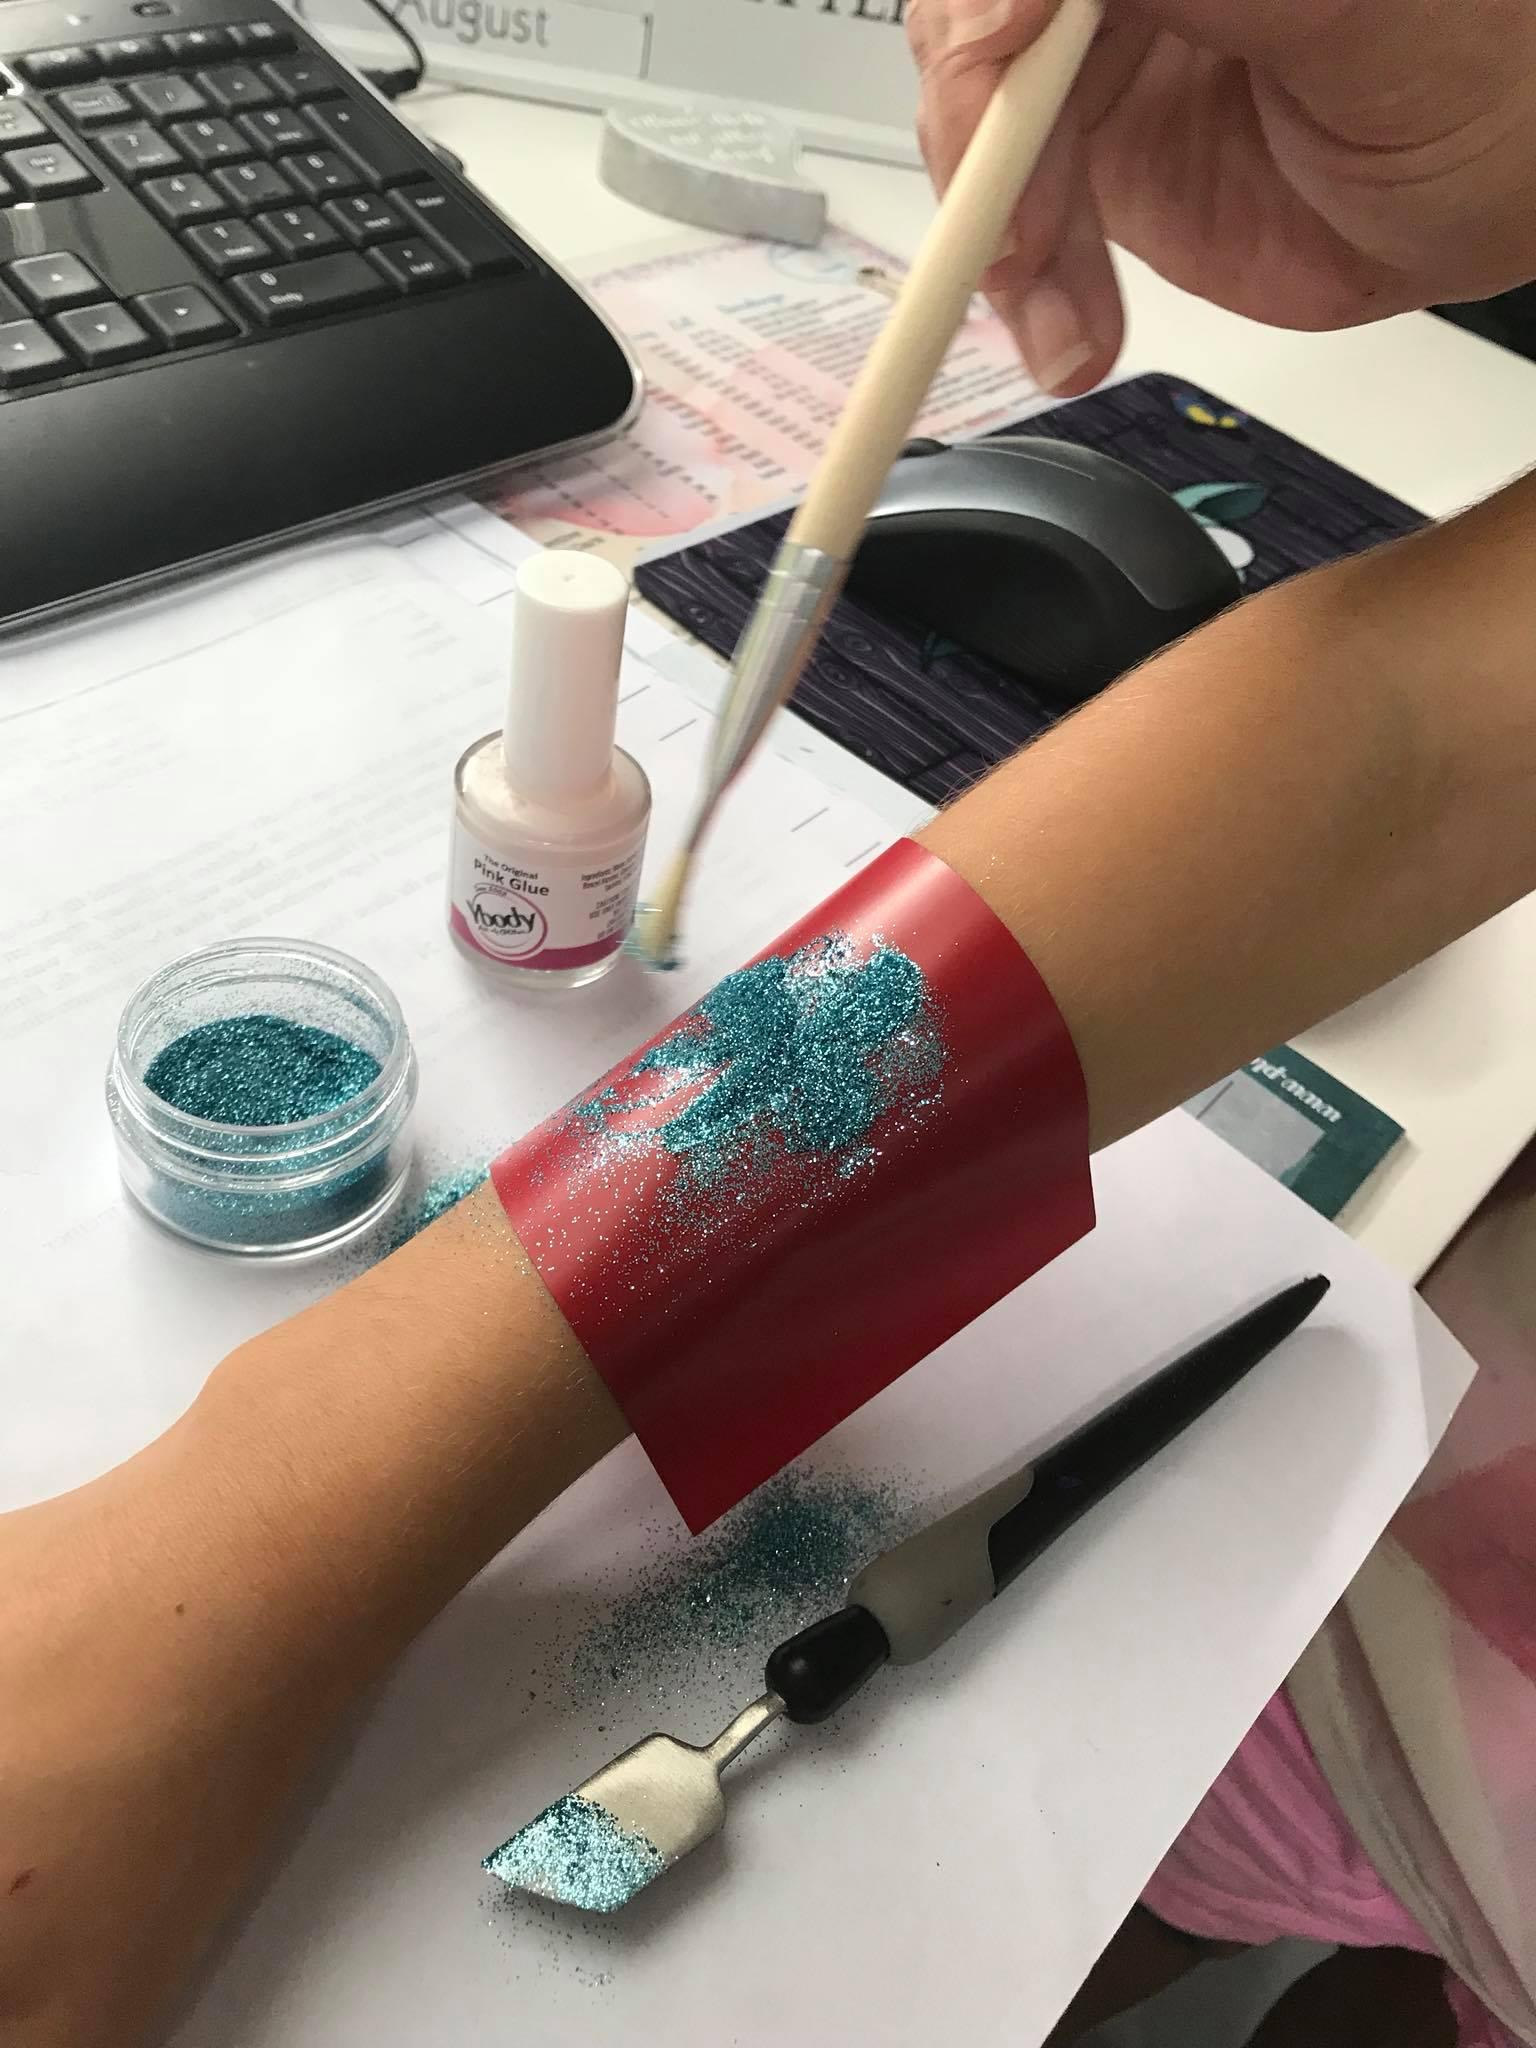 Tattoos selber machen mit den Produkten von Silhouette